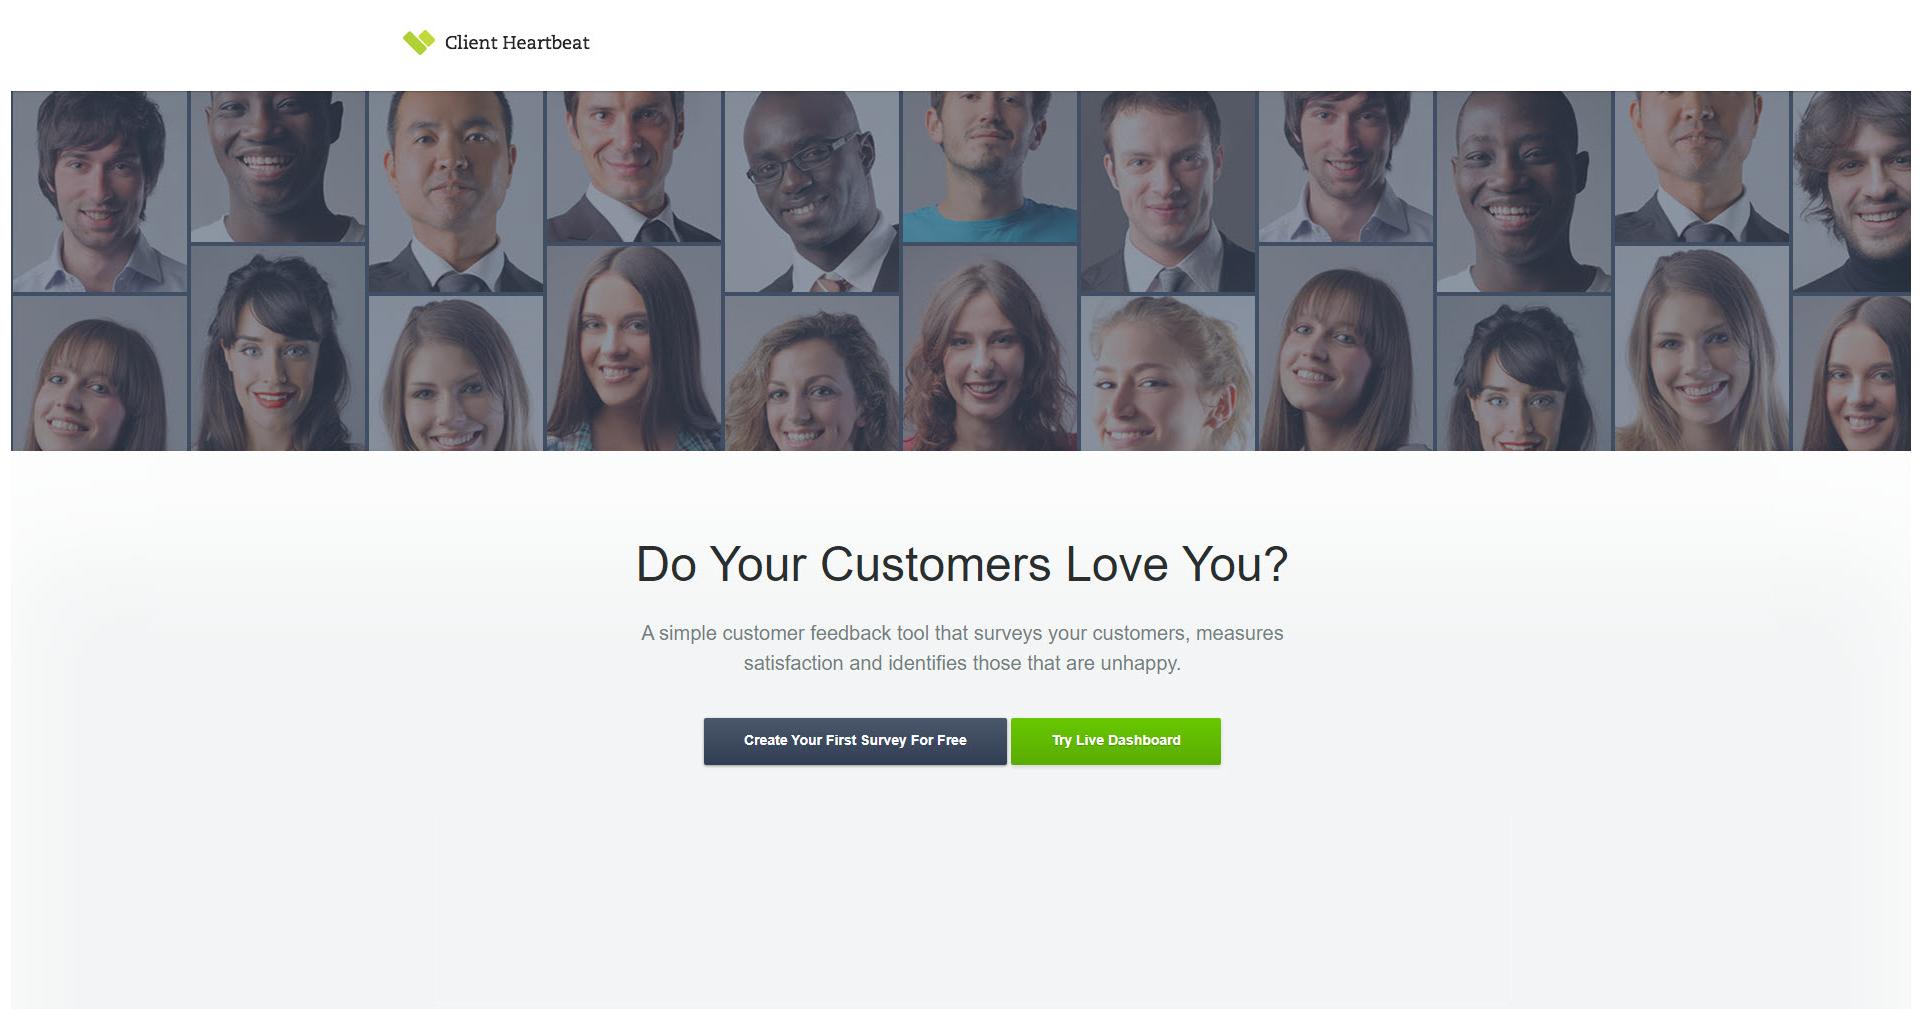 Client Heartbeat